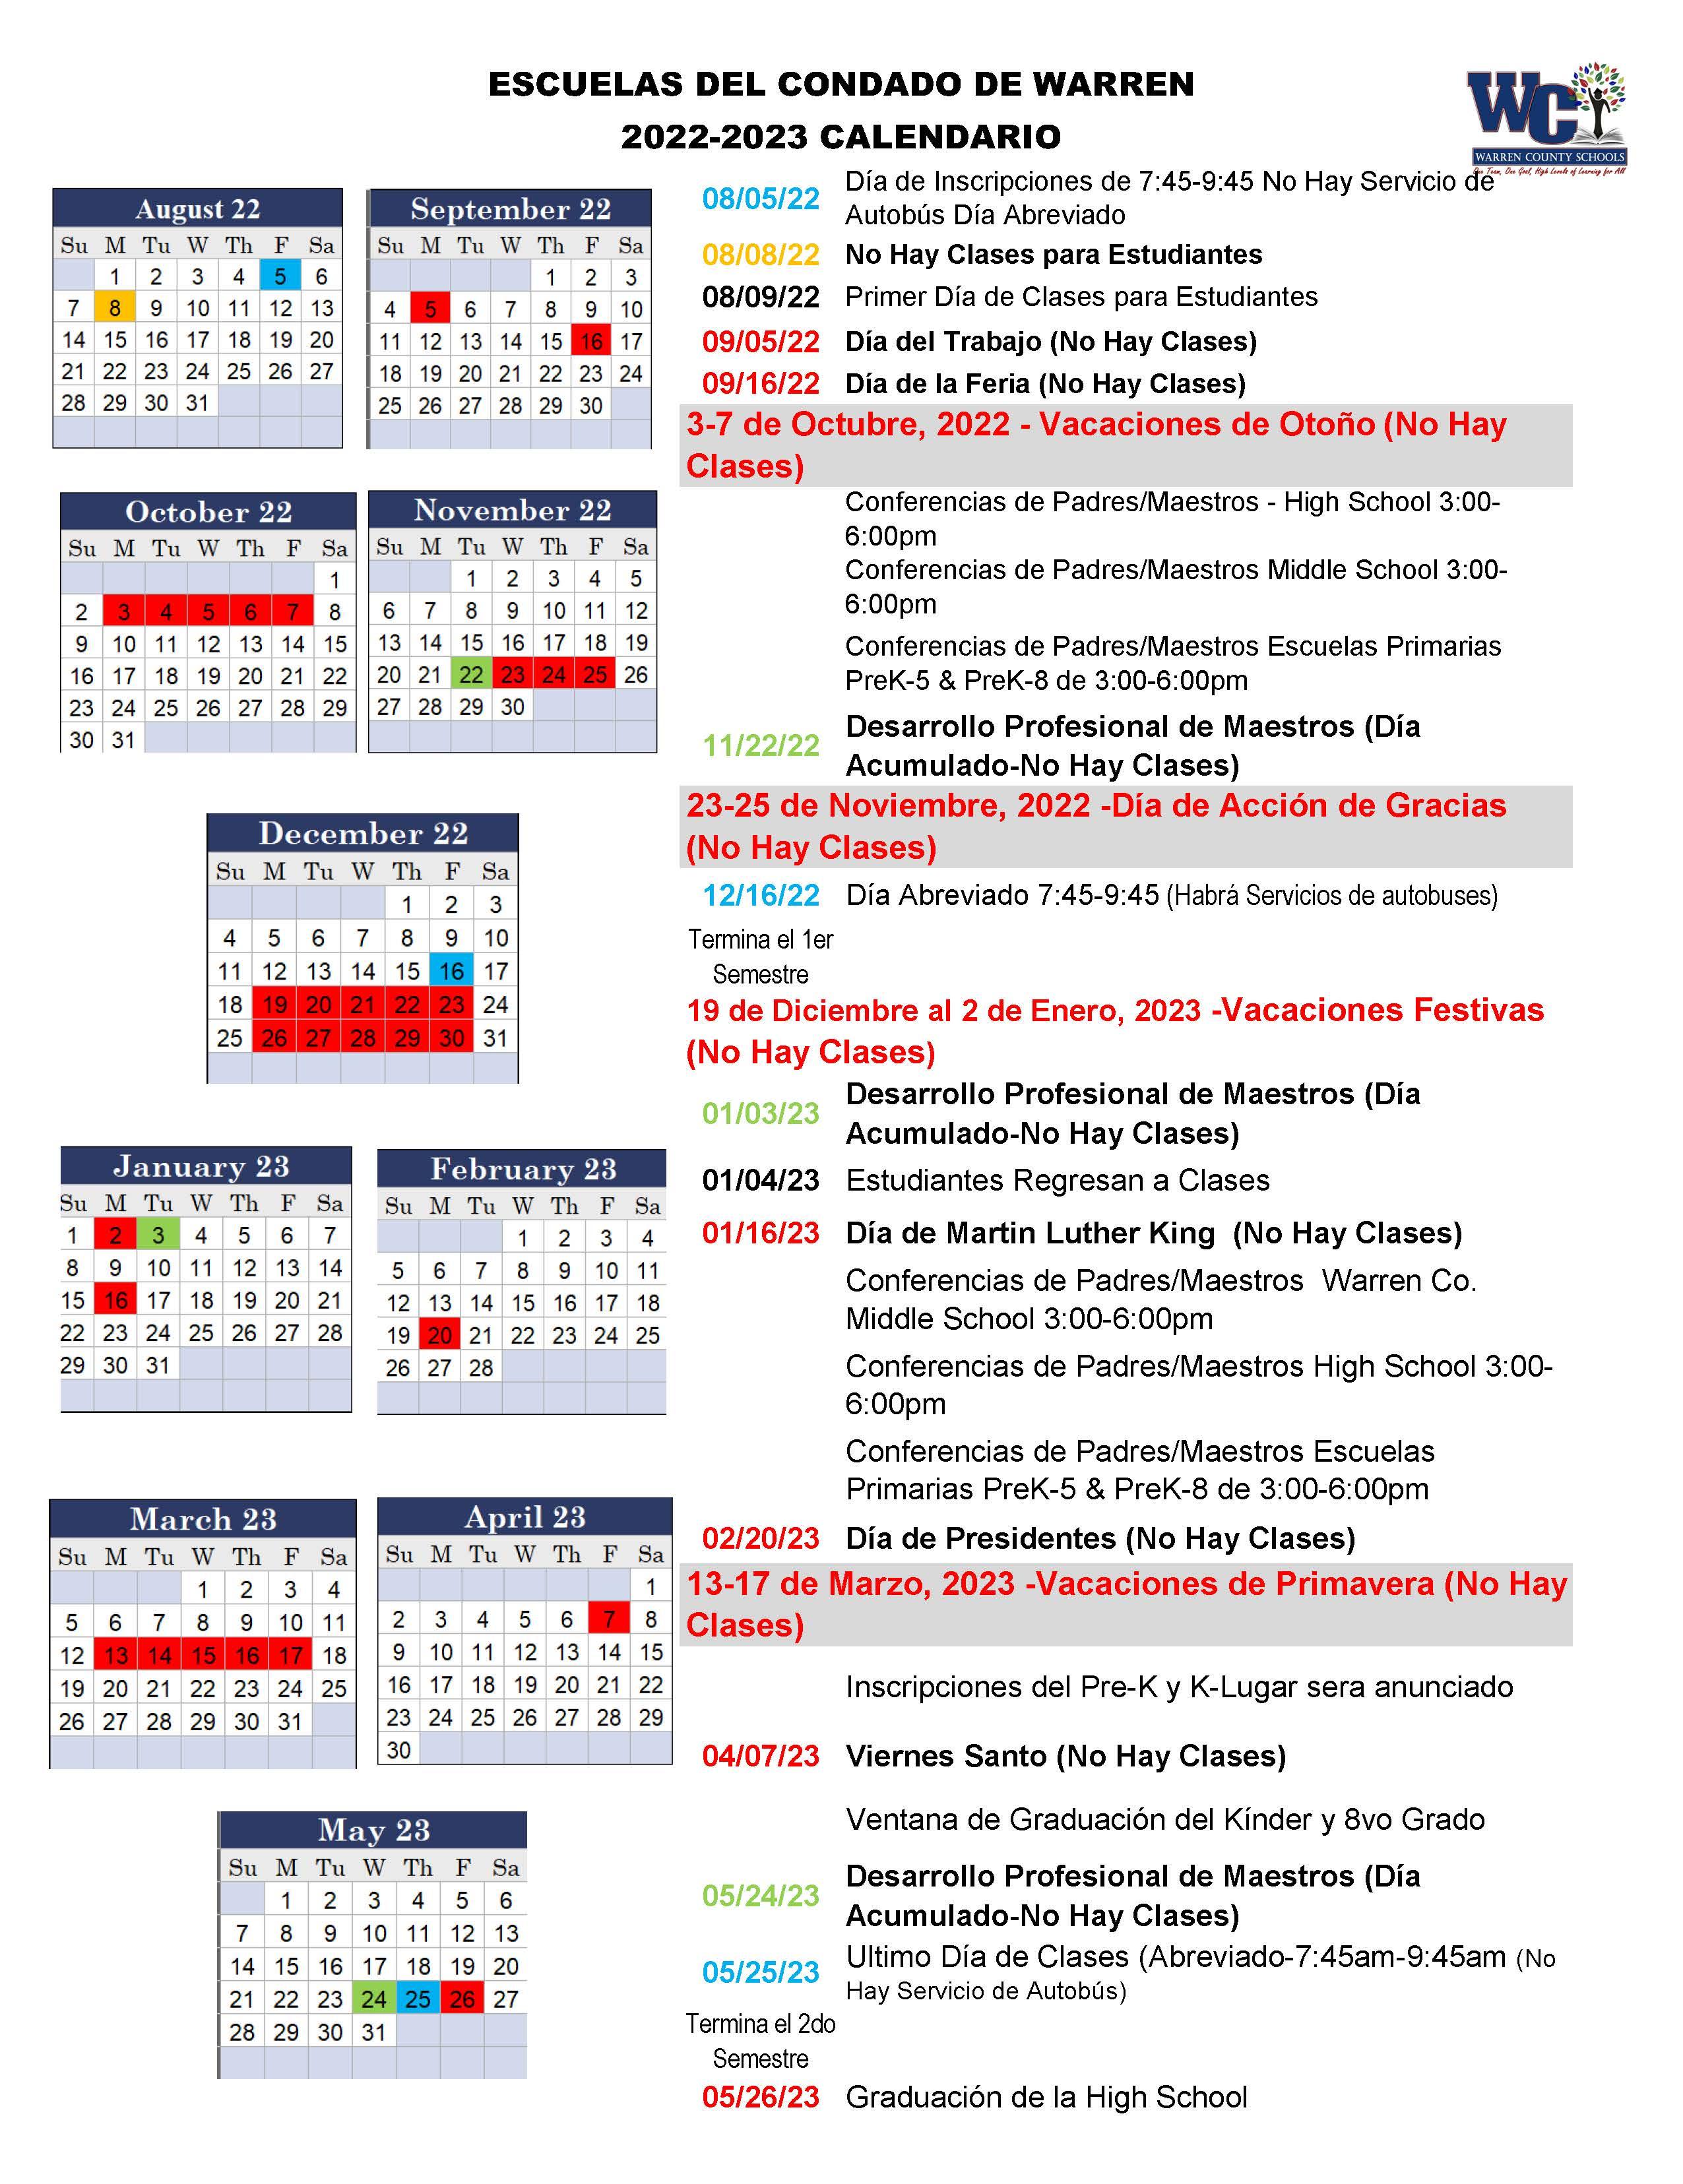 Durham Public Schools Calendar 2022 2023.All News Warren County Schools